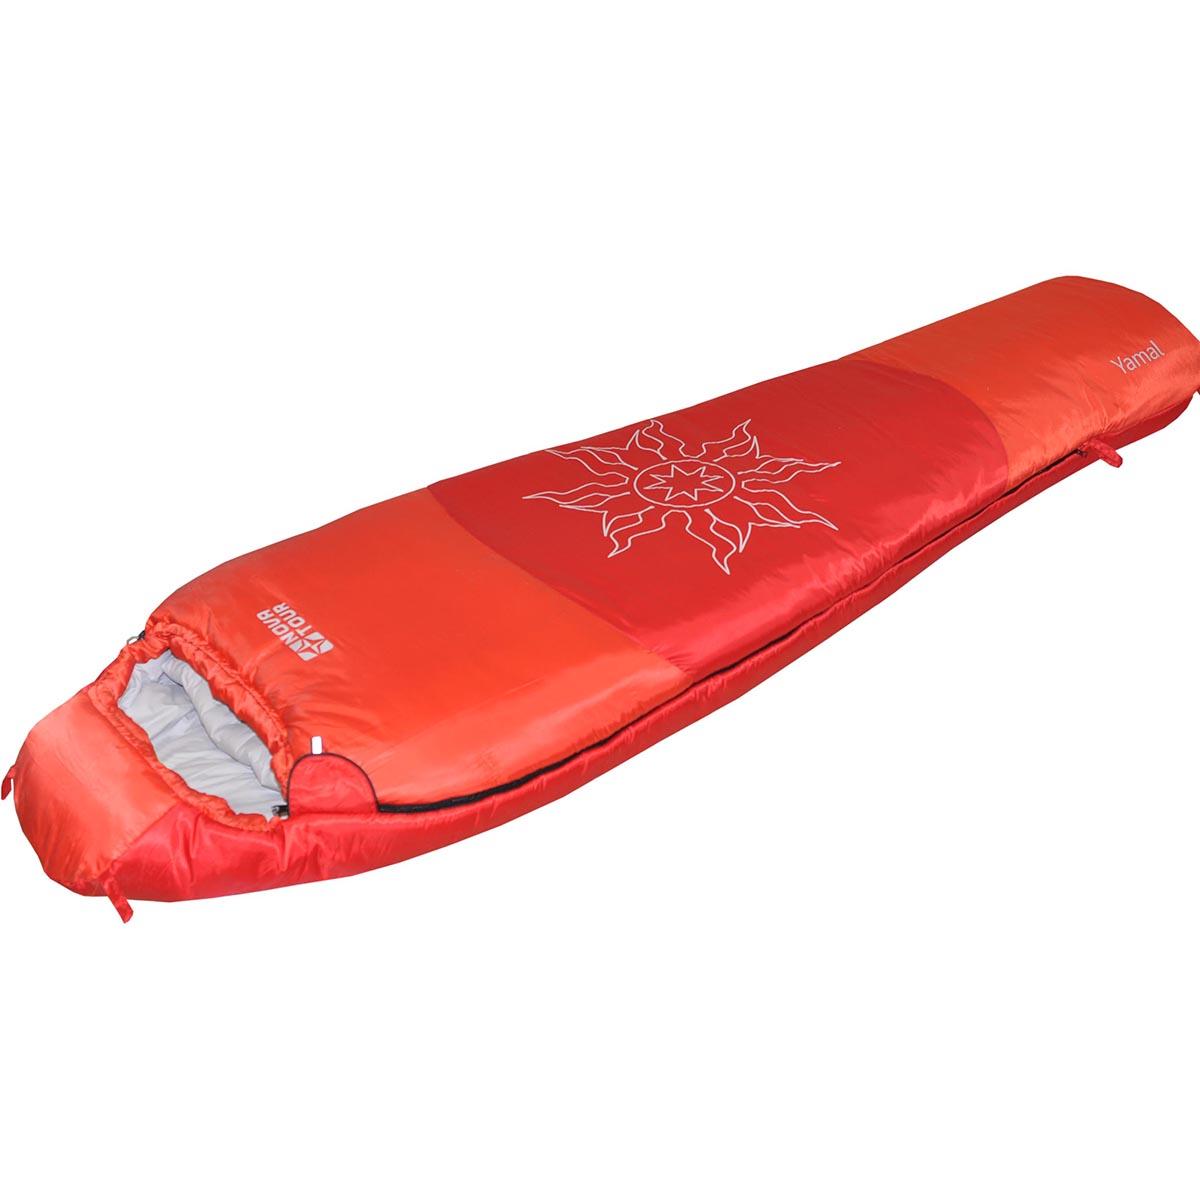 Спальный мешок Nova Tour Ямал -30 V2, цвет: красный, правосторонняя молния кальсоны fisherman nova tour бэйс v2 95359 924